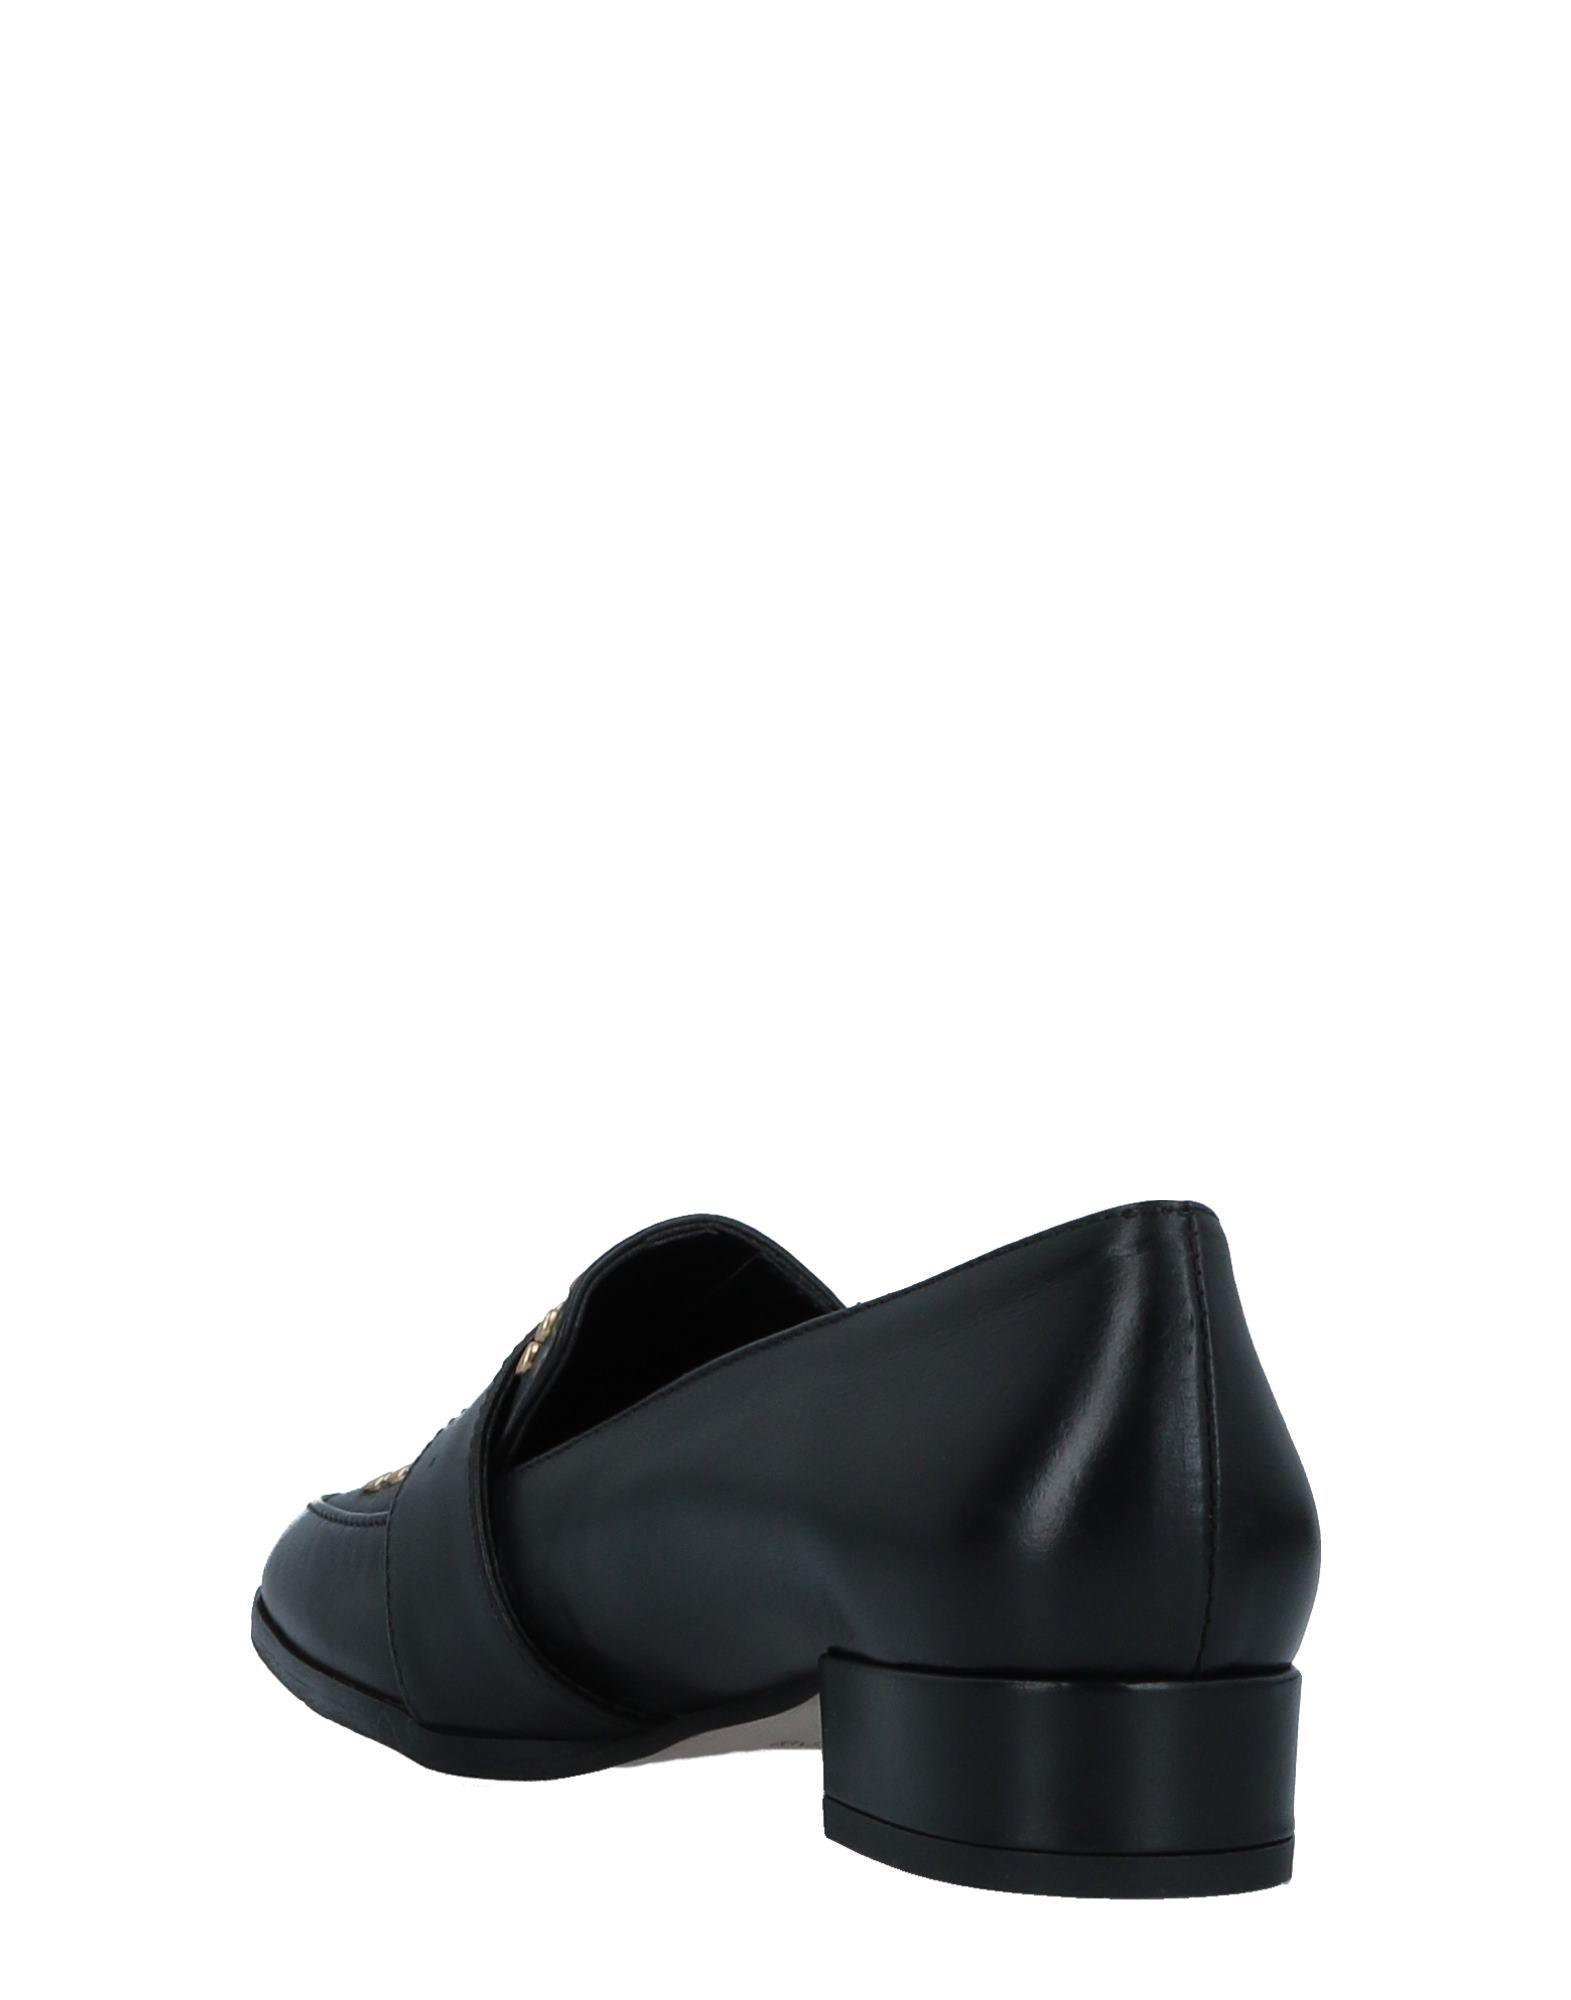 Bagatt Mokassins Damen beliebte 11515337UH Gute Qualität beliebte Damen Schuhe bcd513